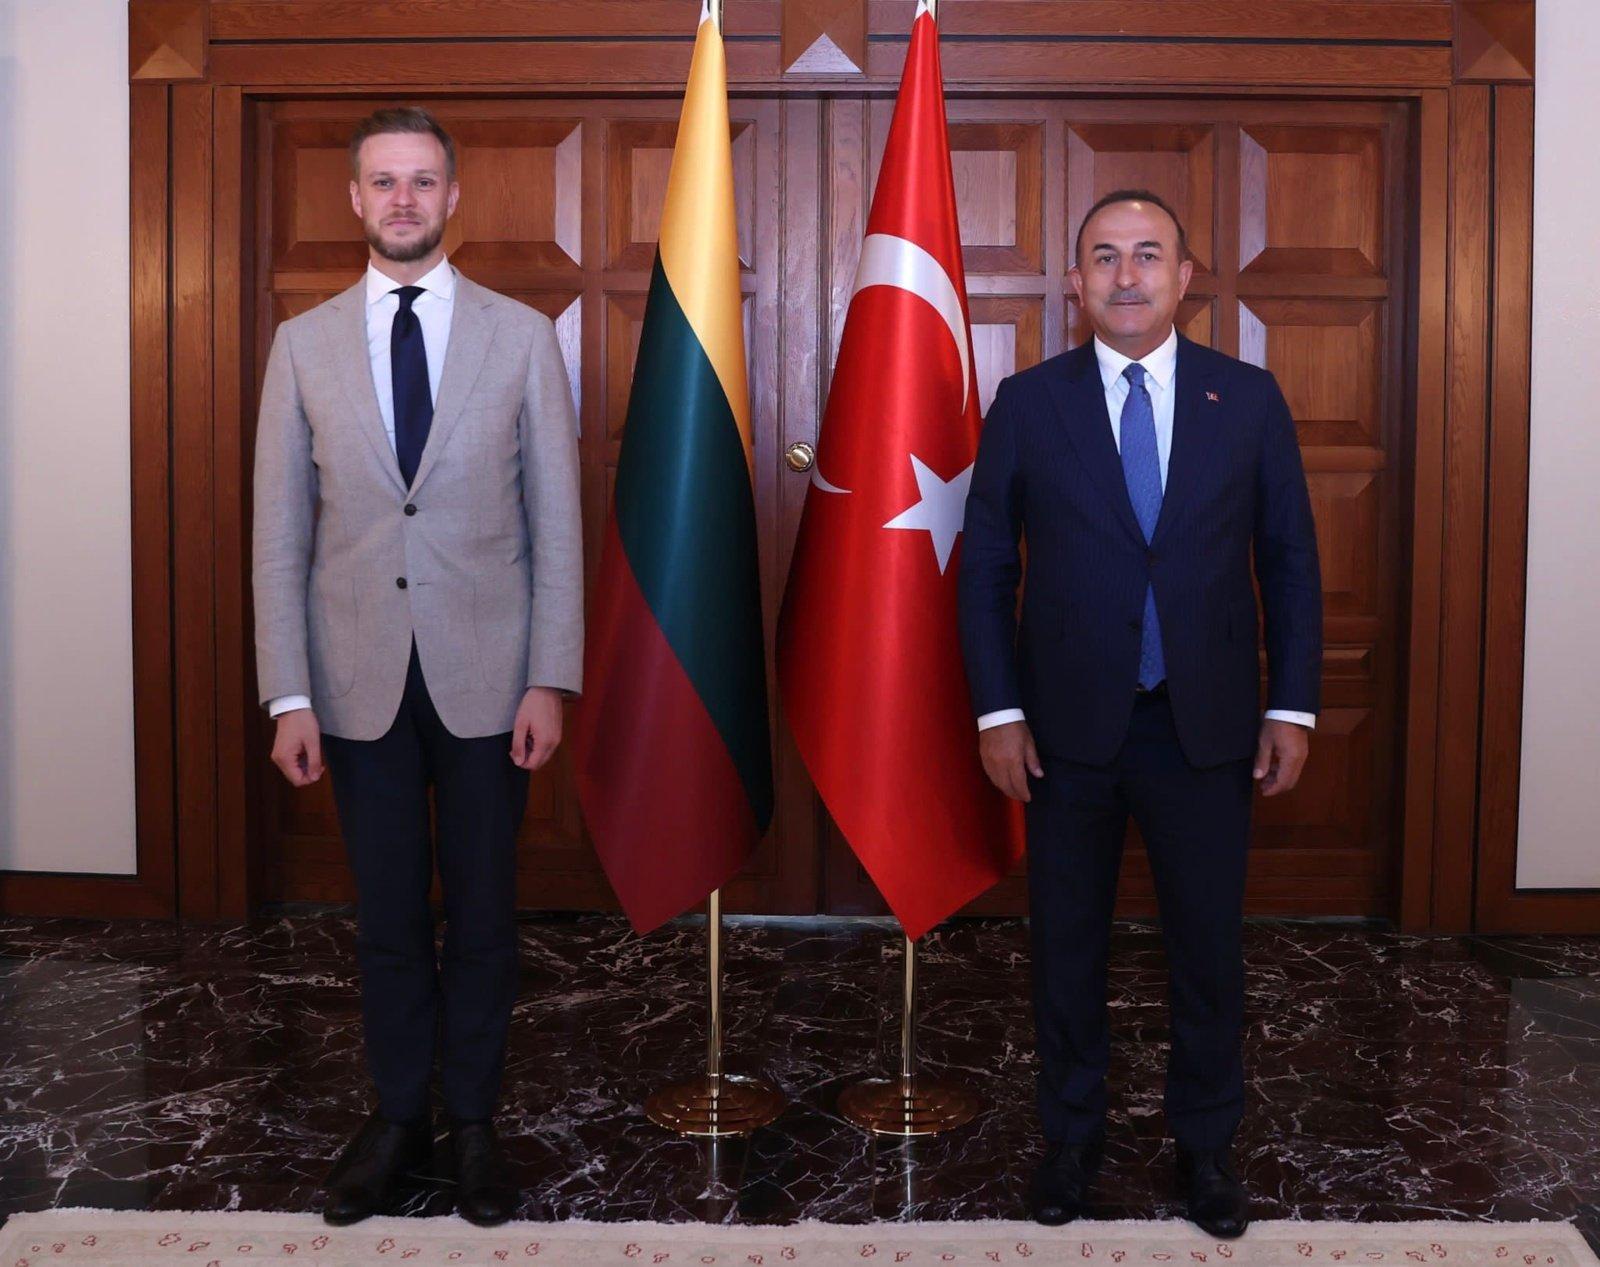 G. Landsbergis Turkijoje derino bendrus veiksmus, stabdant į Lietuvą iš Baltarusijos plūstantį nelegalių migrantų srautą